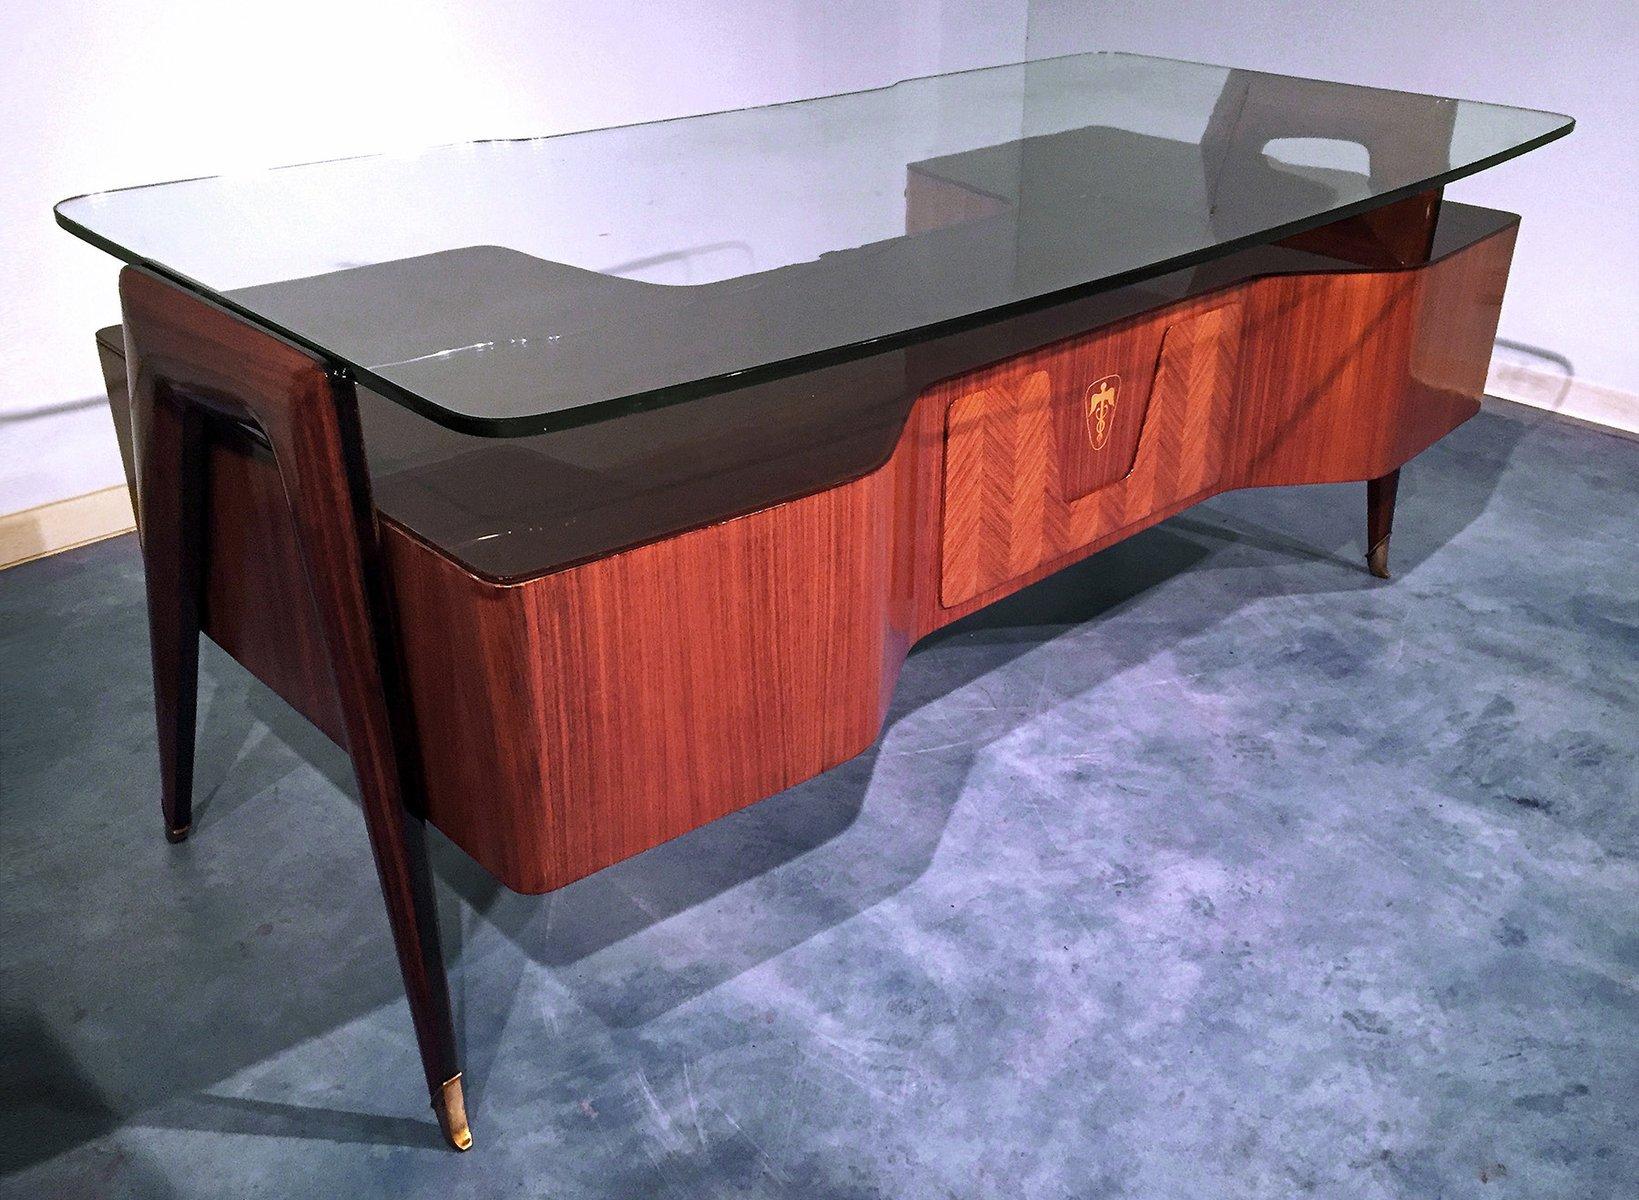 italienischer mid century palisander schreibtisch mit schwebender glasplatte von vittorio dassi. Black Bedroom Furniture Sets. Home Design Ideas